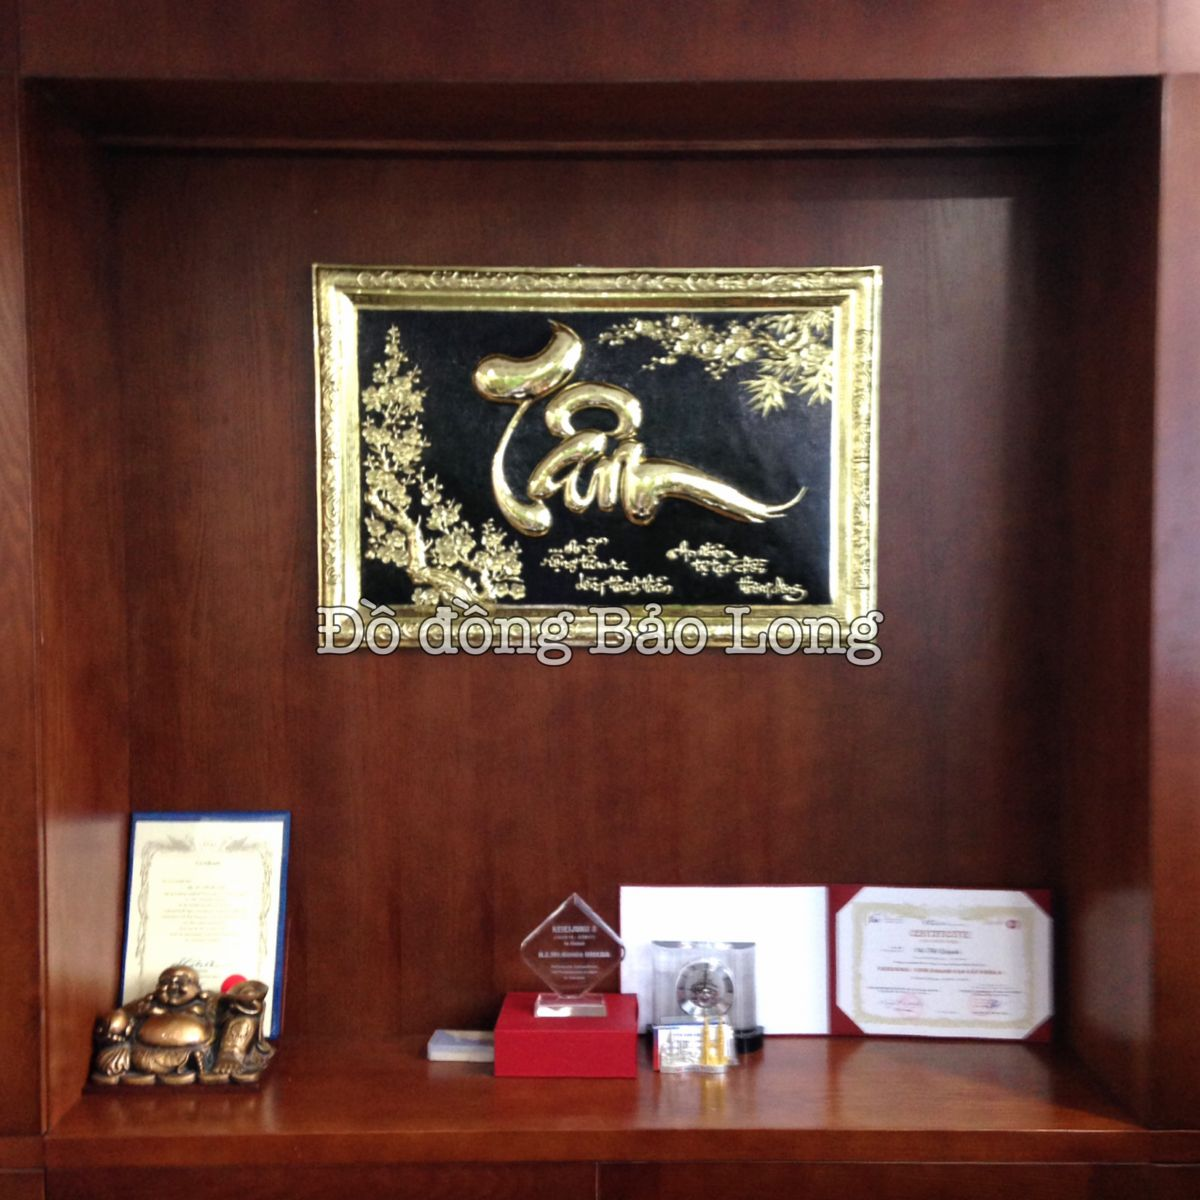 Lắp đặt hoàn thiện tranh chữ Tâm khung đồng cho chị Trang ở Nguyễn Xiển